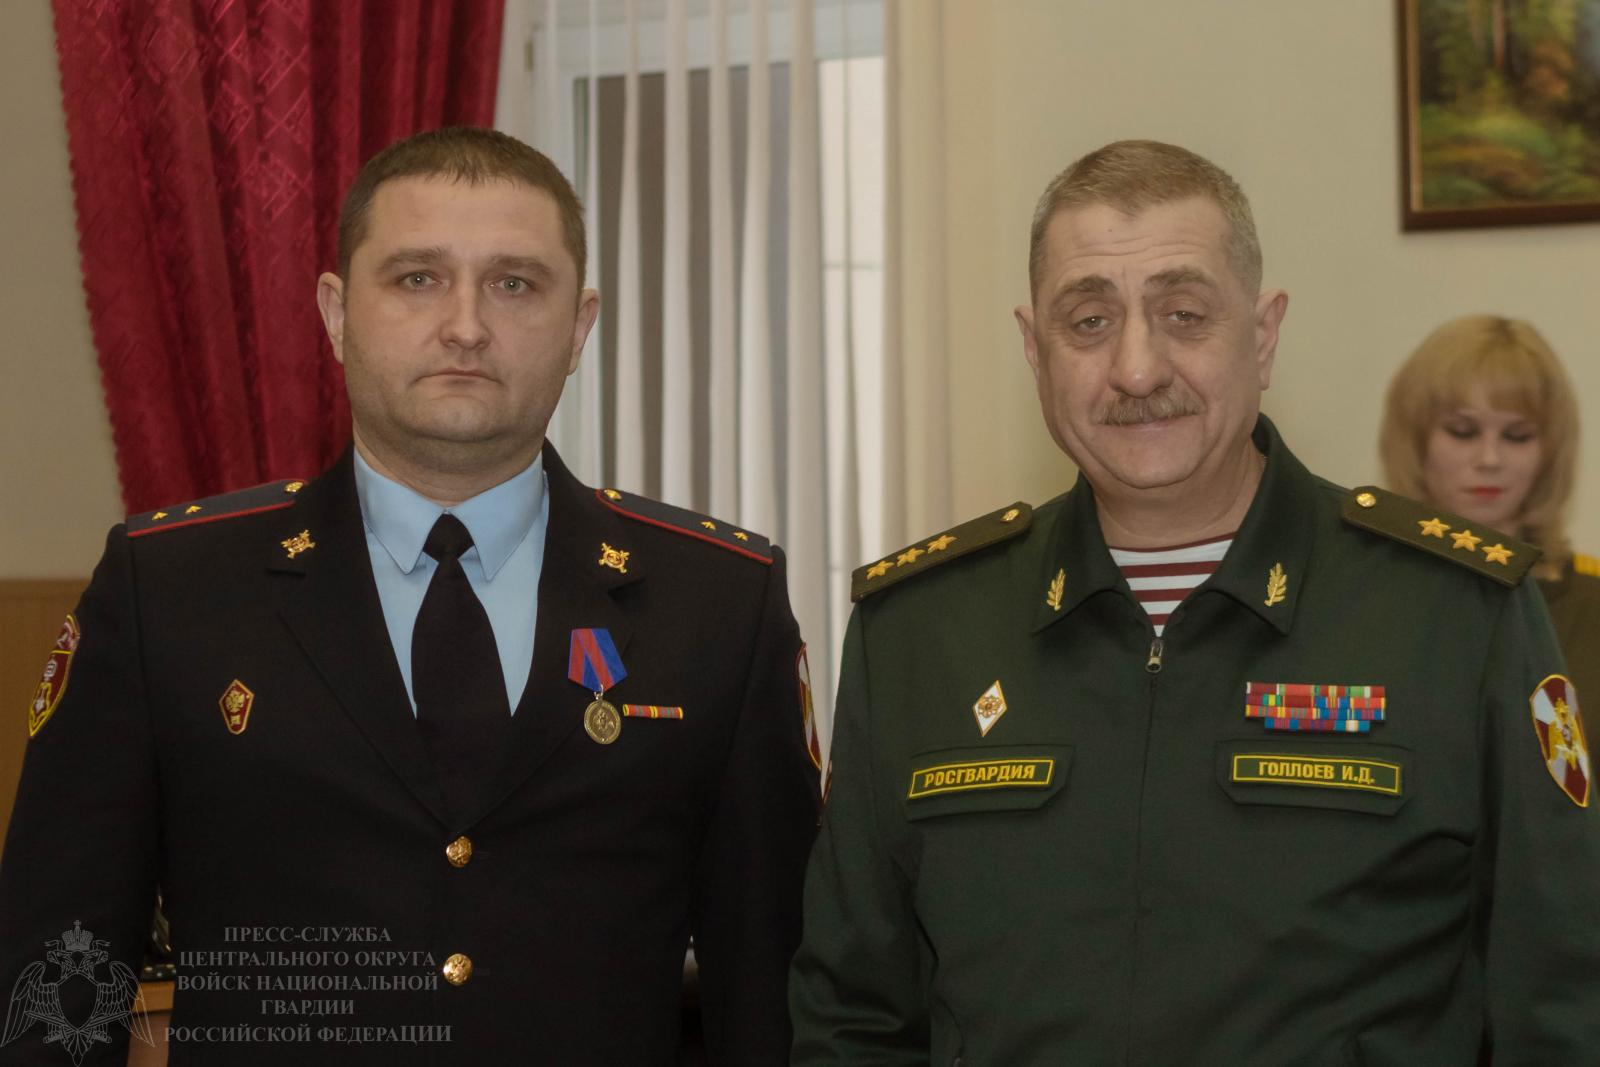 Сотрудник брянской Росгвардии награждён медалью